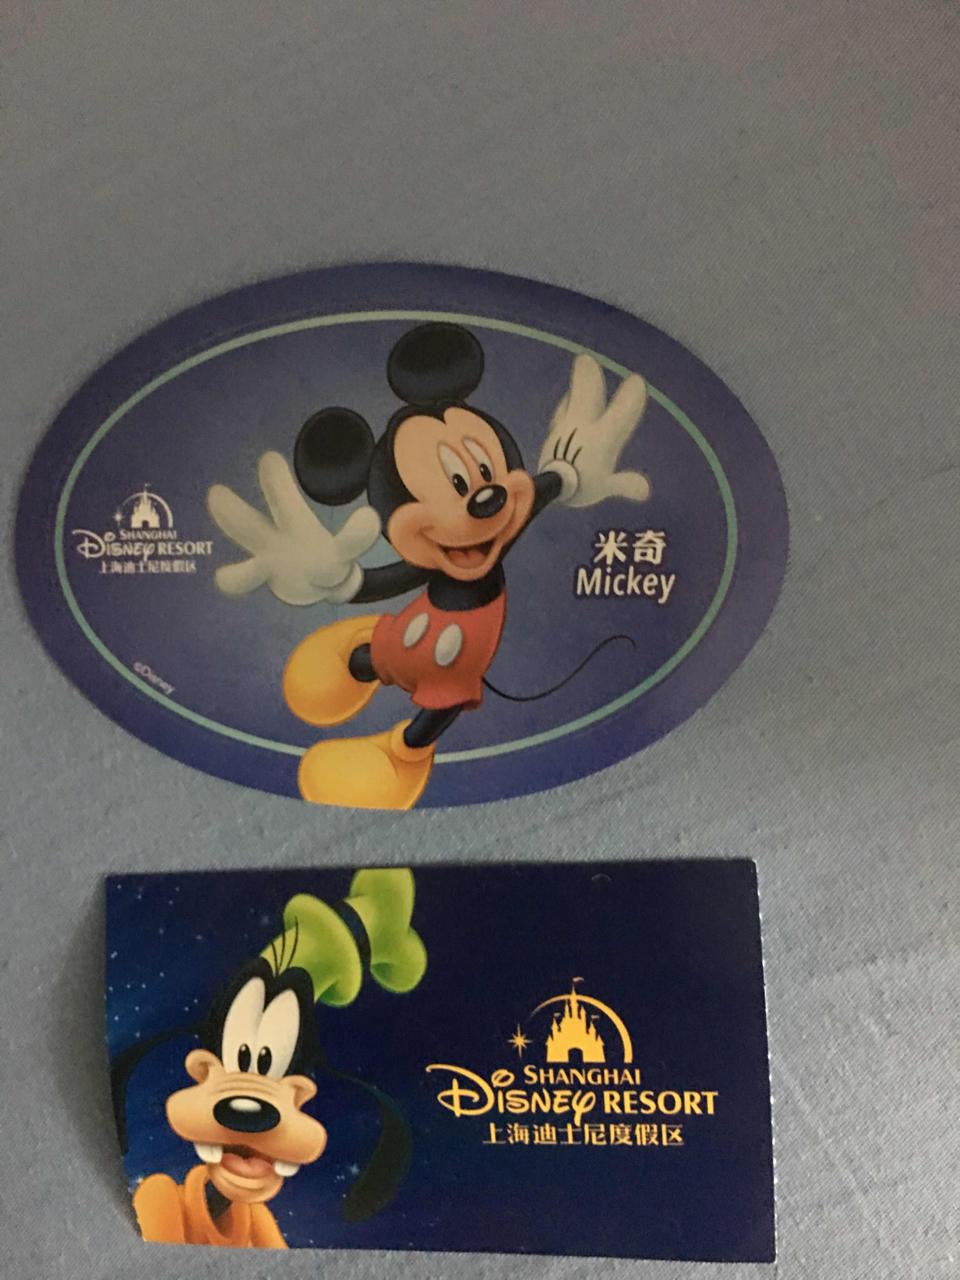 上海迪士尼乐园+上海迪士尼乐园 - 成人票上海